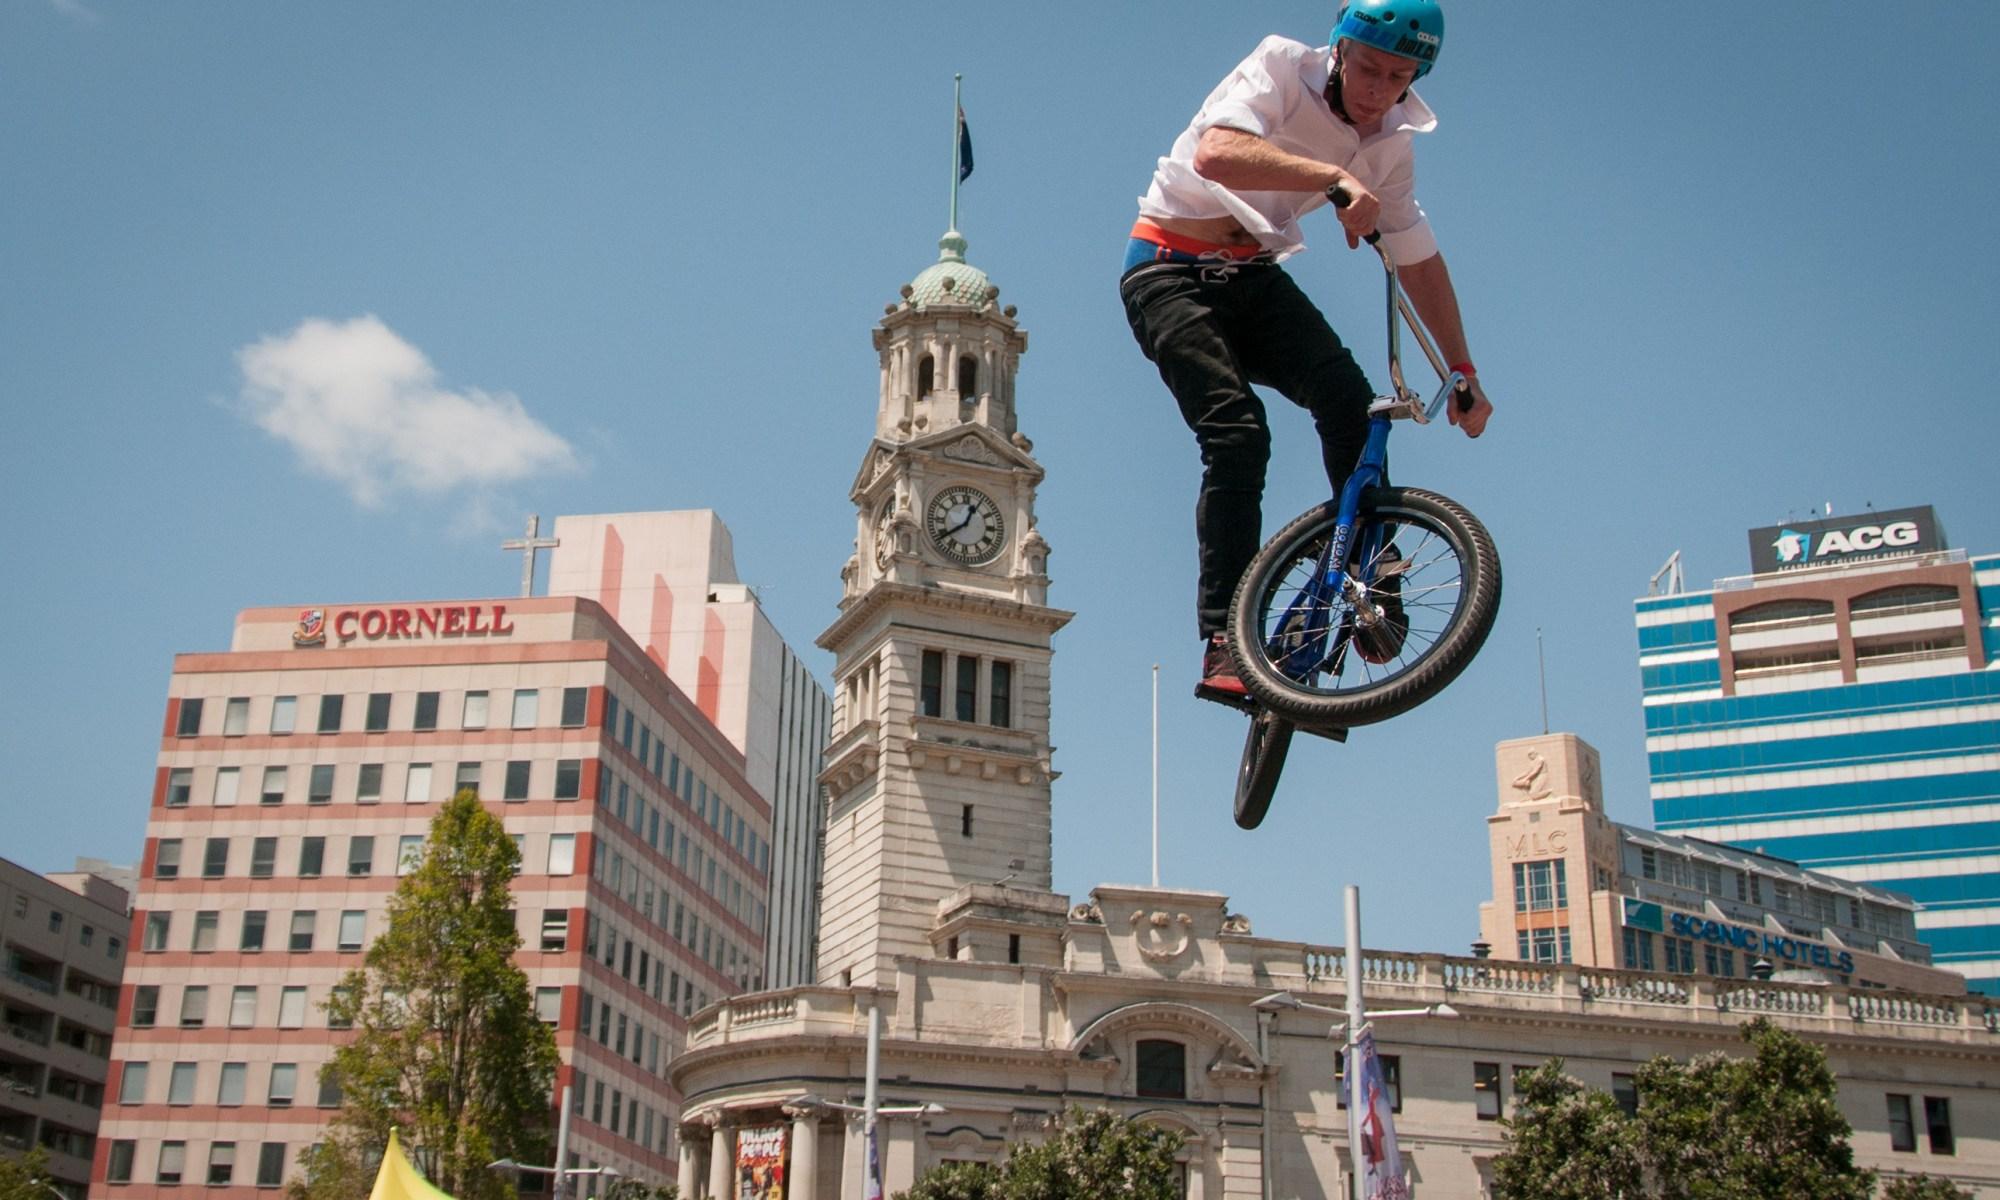 BMX Air at Aotea Square Auckland